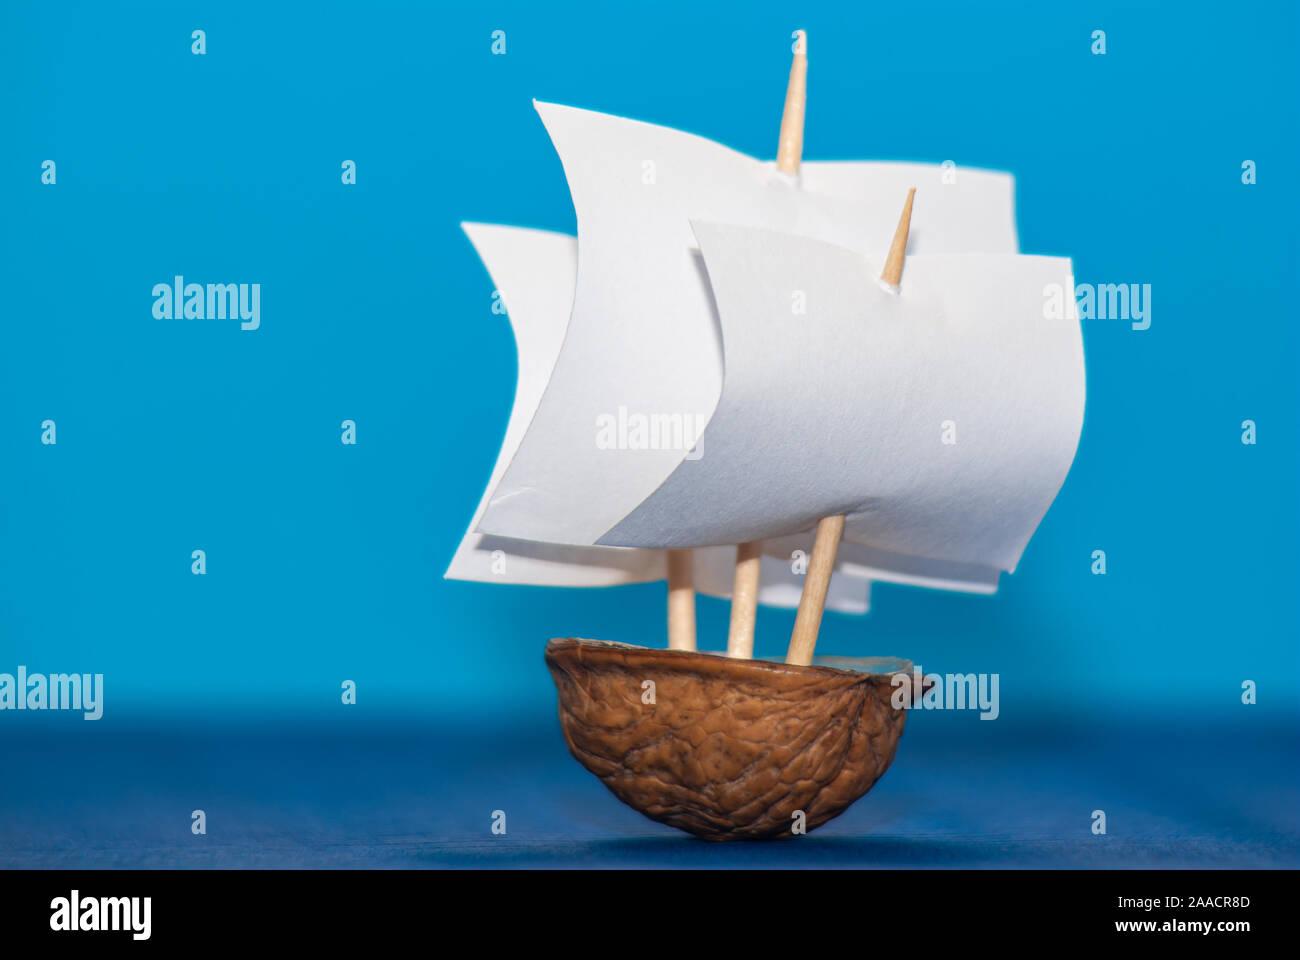 Reproduktion des Begriffs ein Segelschiff mit drei Masten auf hoher See mit einer Walnuss Shell. Stockfoto